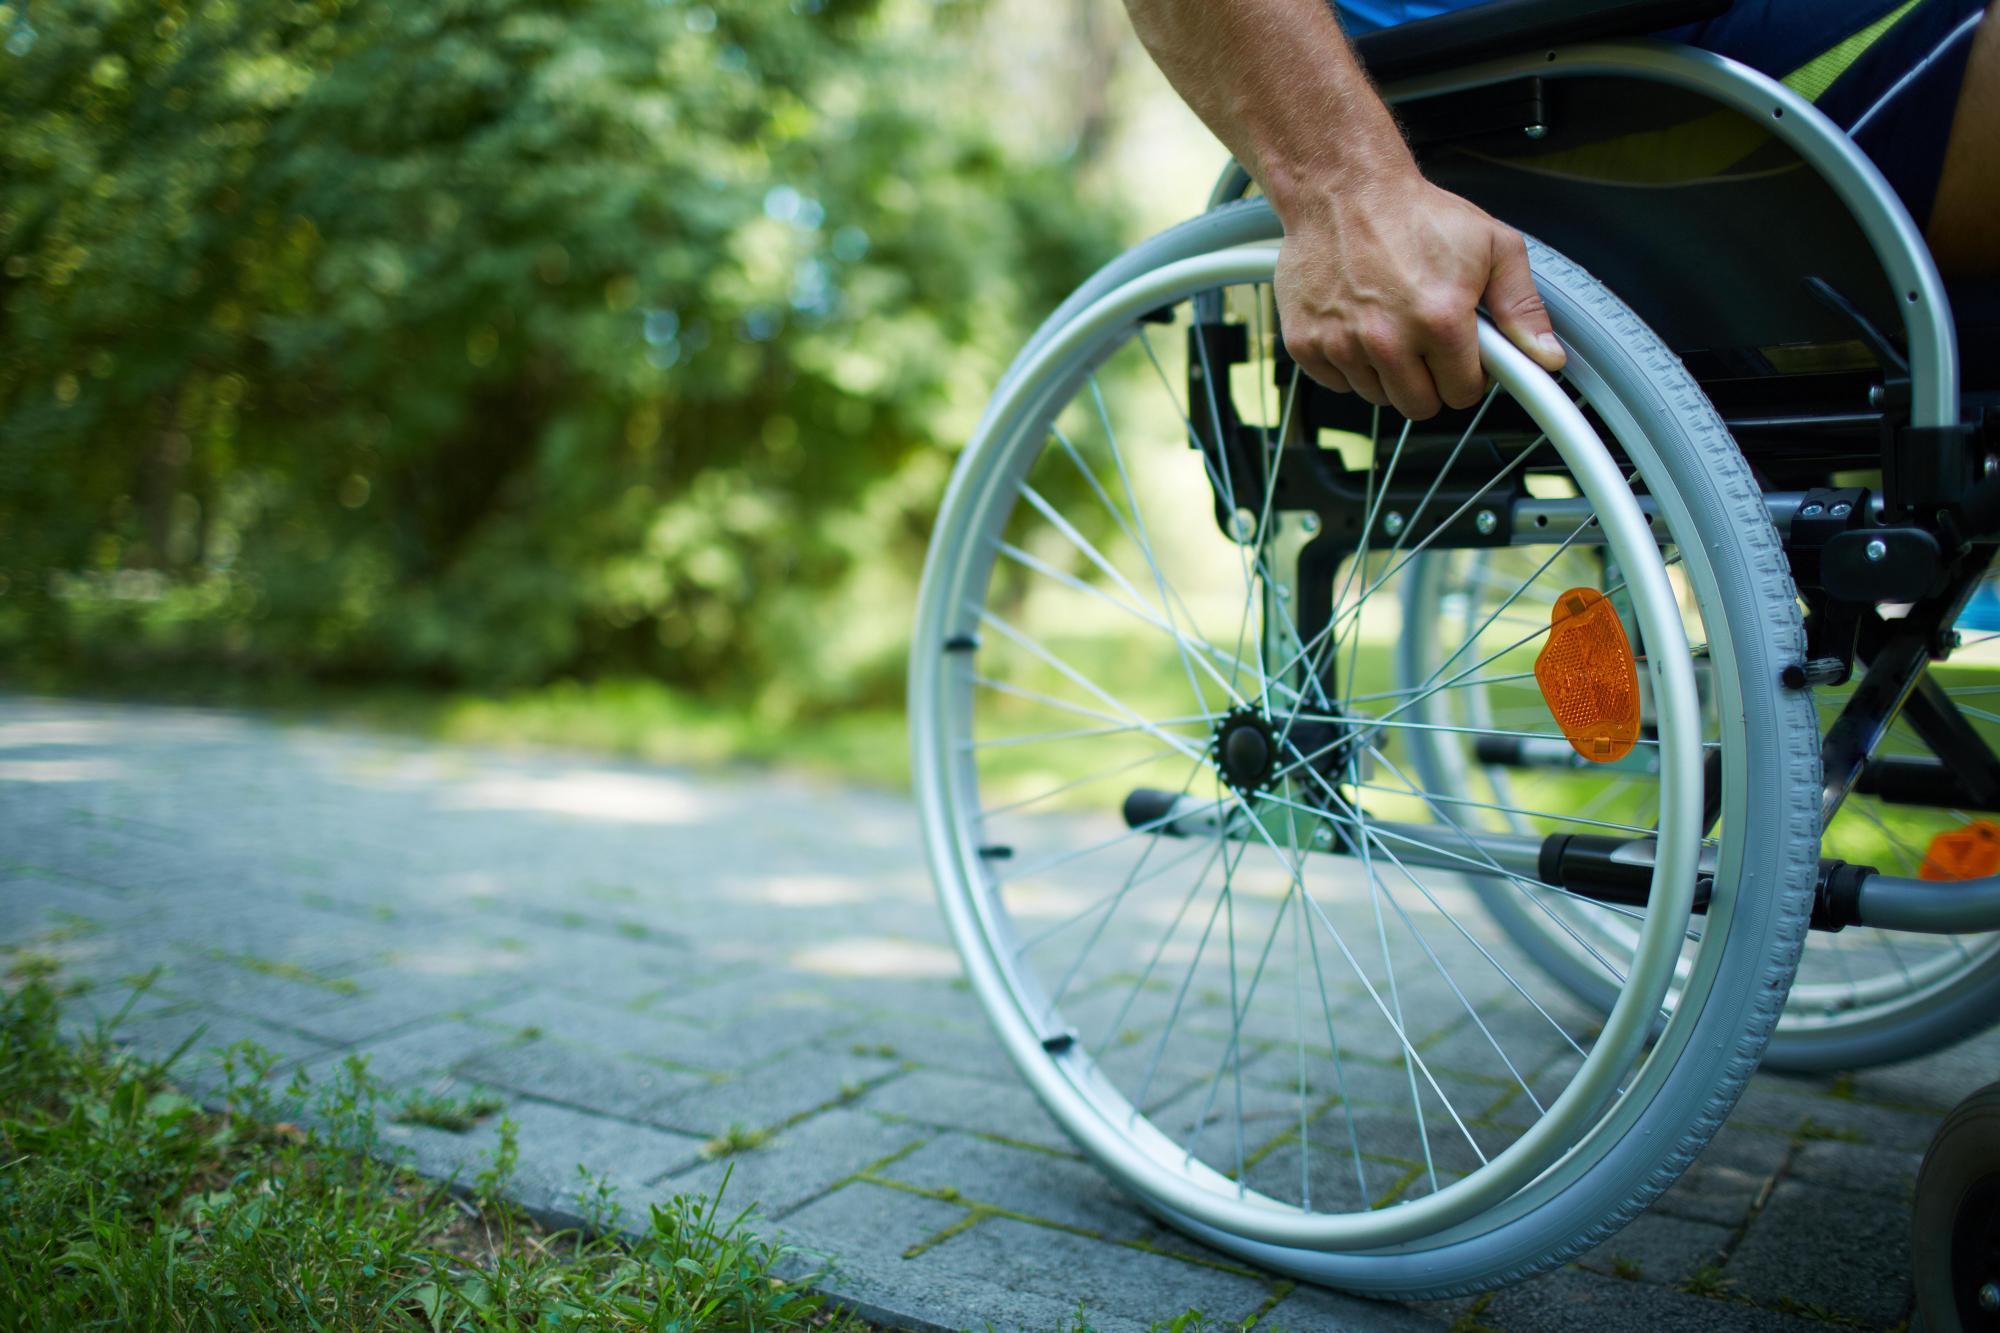 Федеральным бюро медико-социальной экспертизы даны рекомендации по работе с запросами из органов службы занятости о нуждаемости в сопровождаемом трудоустройстве инвалида